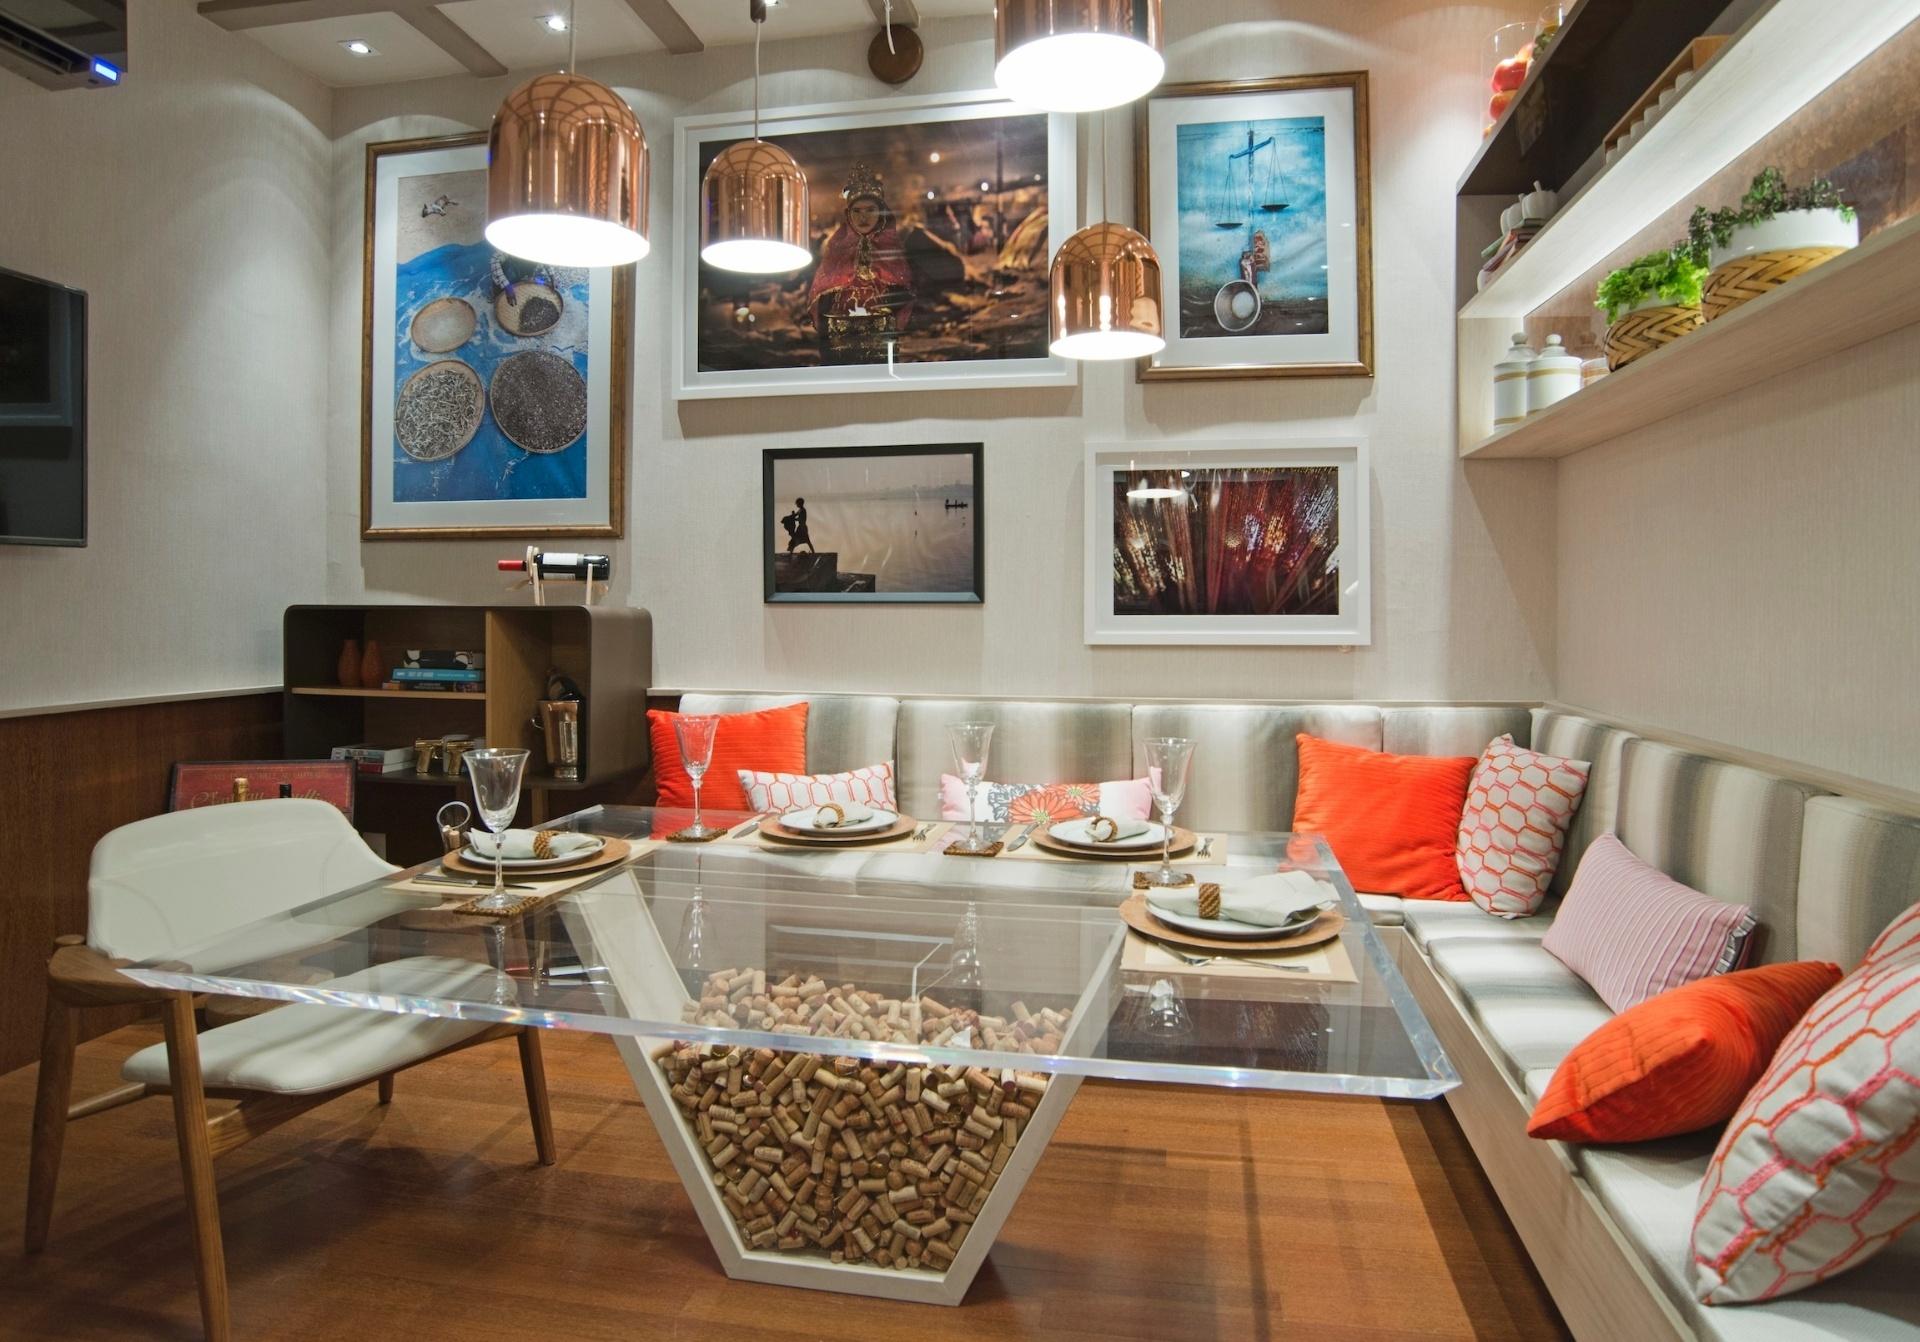 Salas de jantar: ideias para decorar o ambiente BOL Fotos BOL  #B42F17 1920 1342